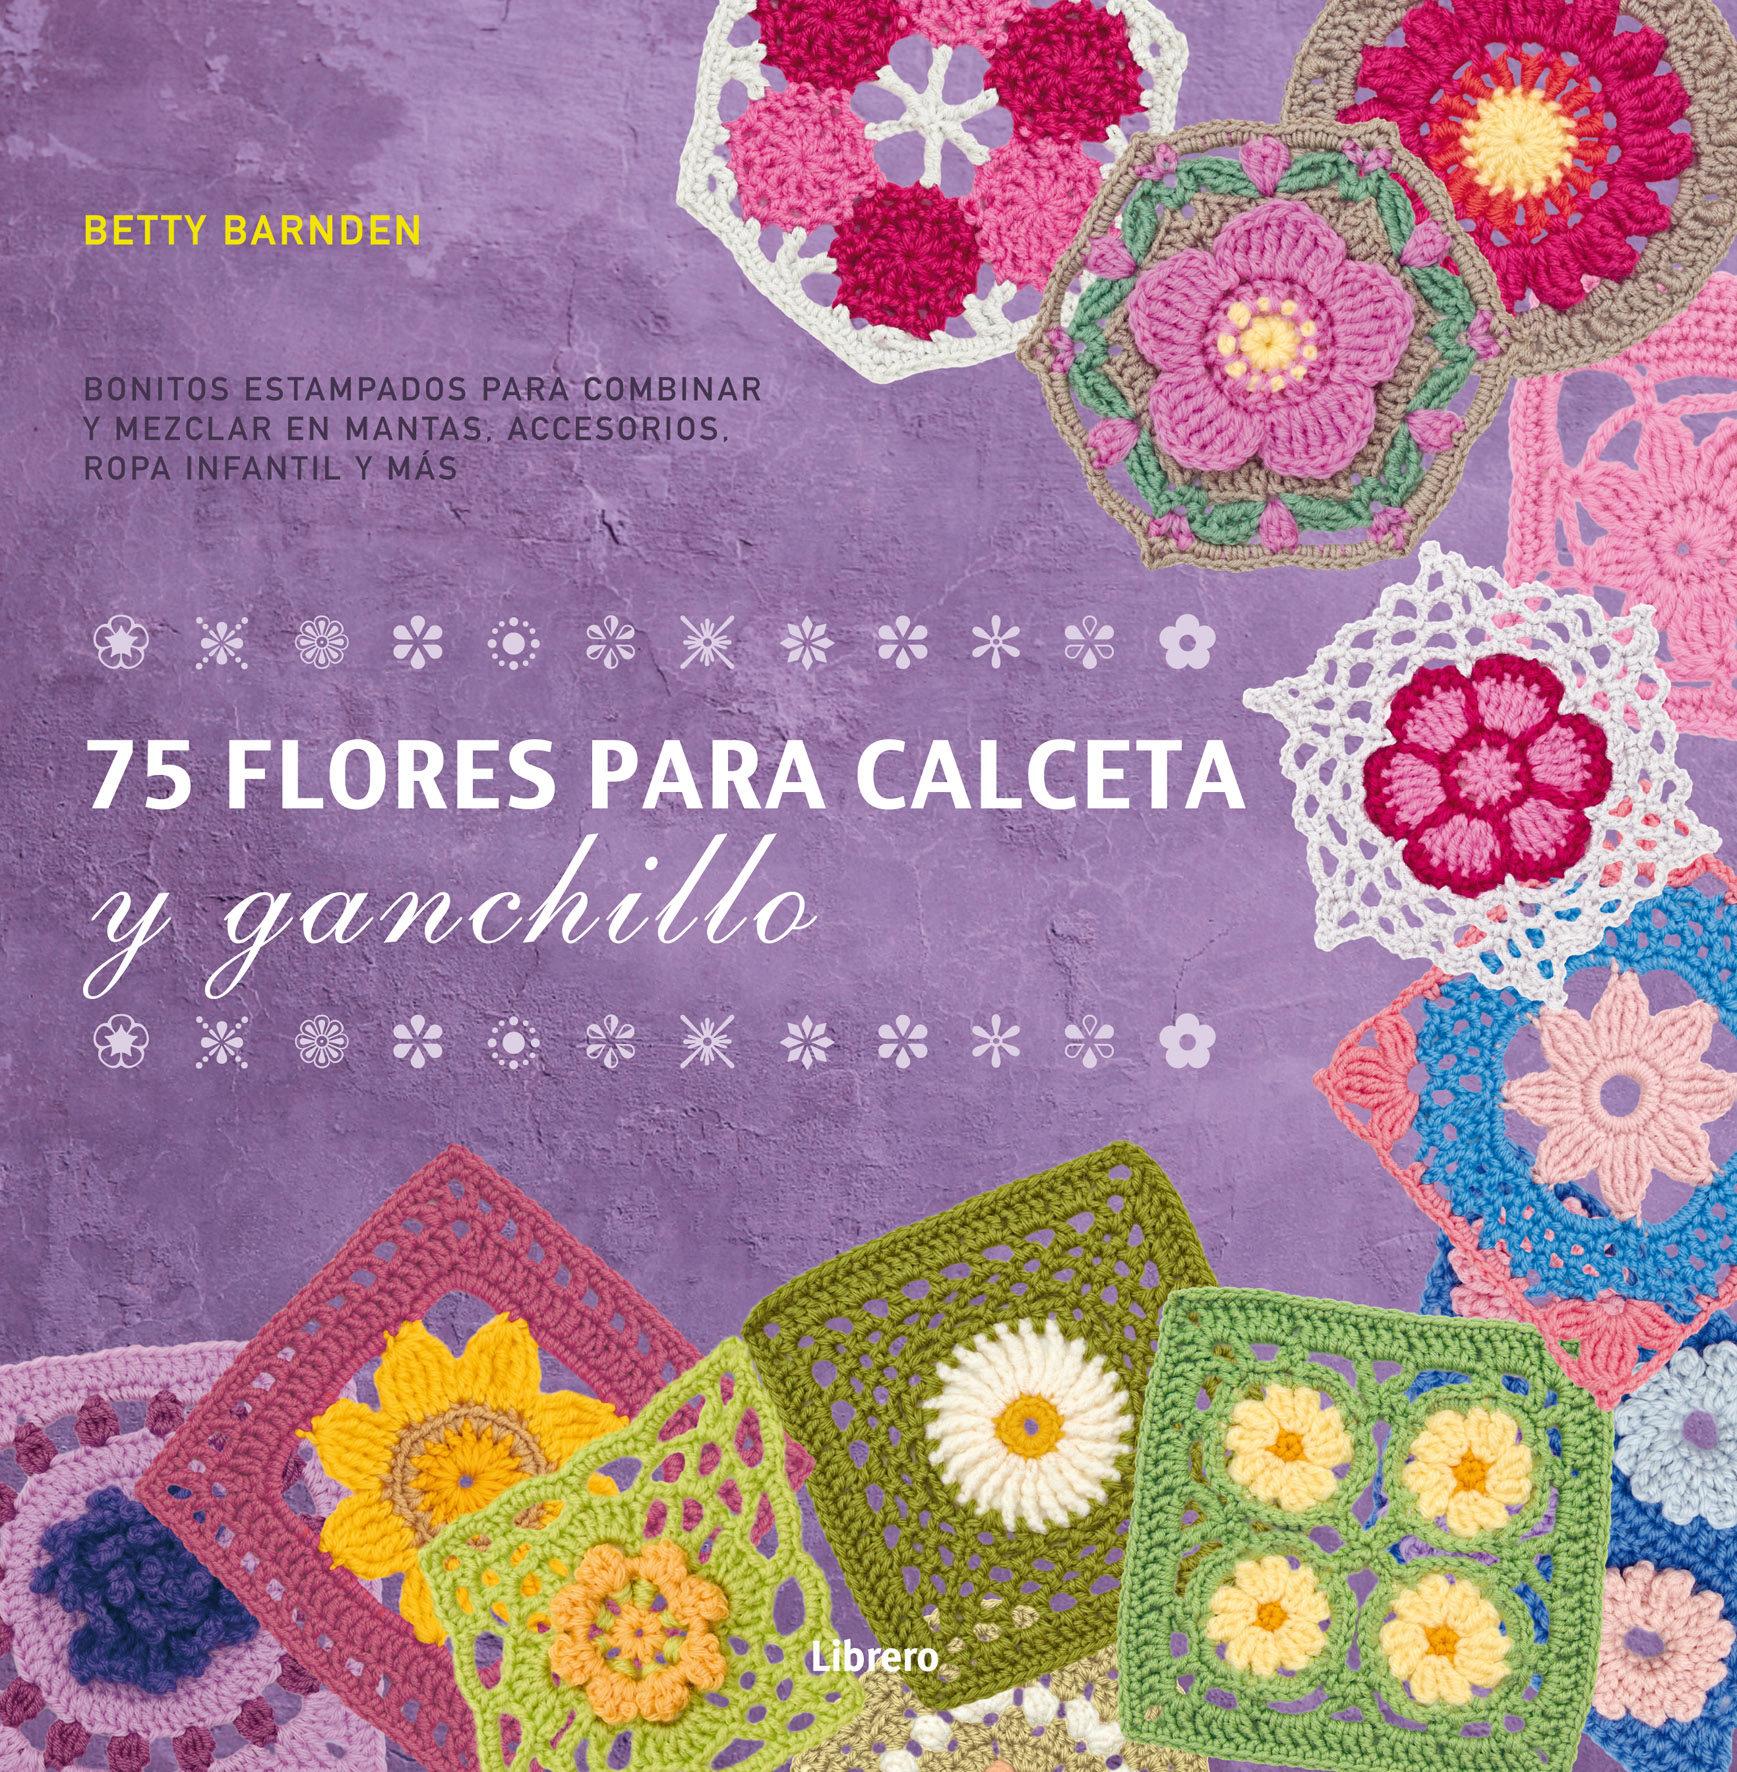 75 CUADROS FLORALES PARA CALCETA Y GANCHILLO | BETTY BARDEN ...